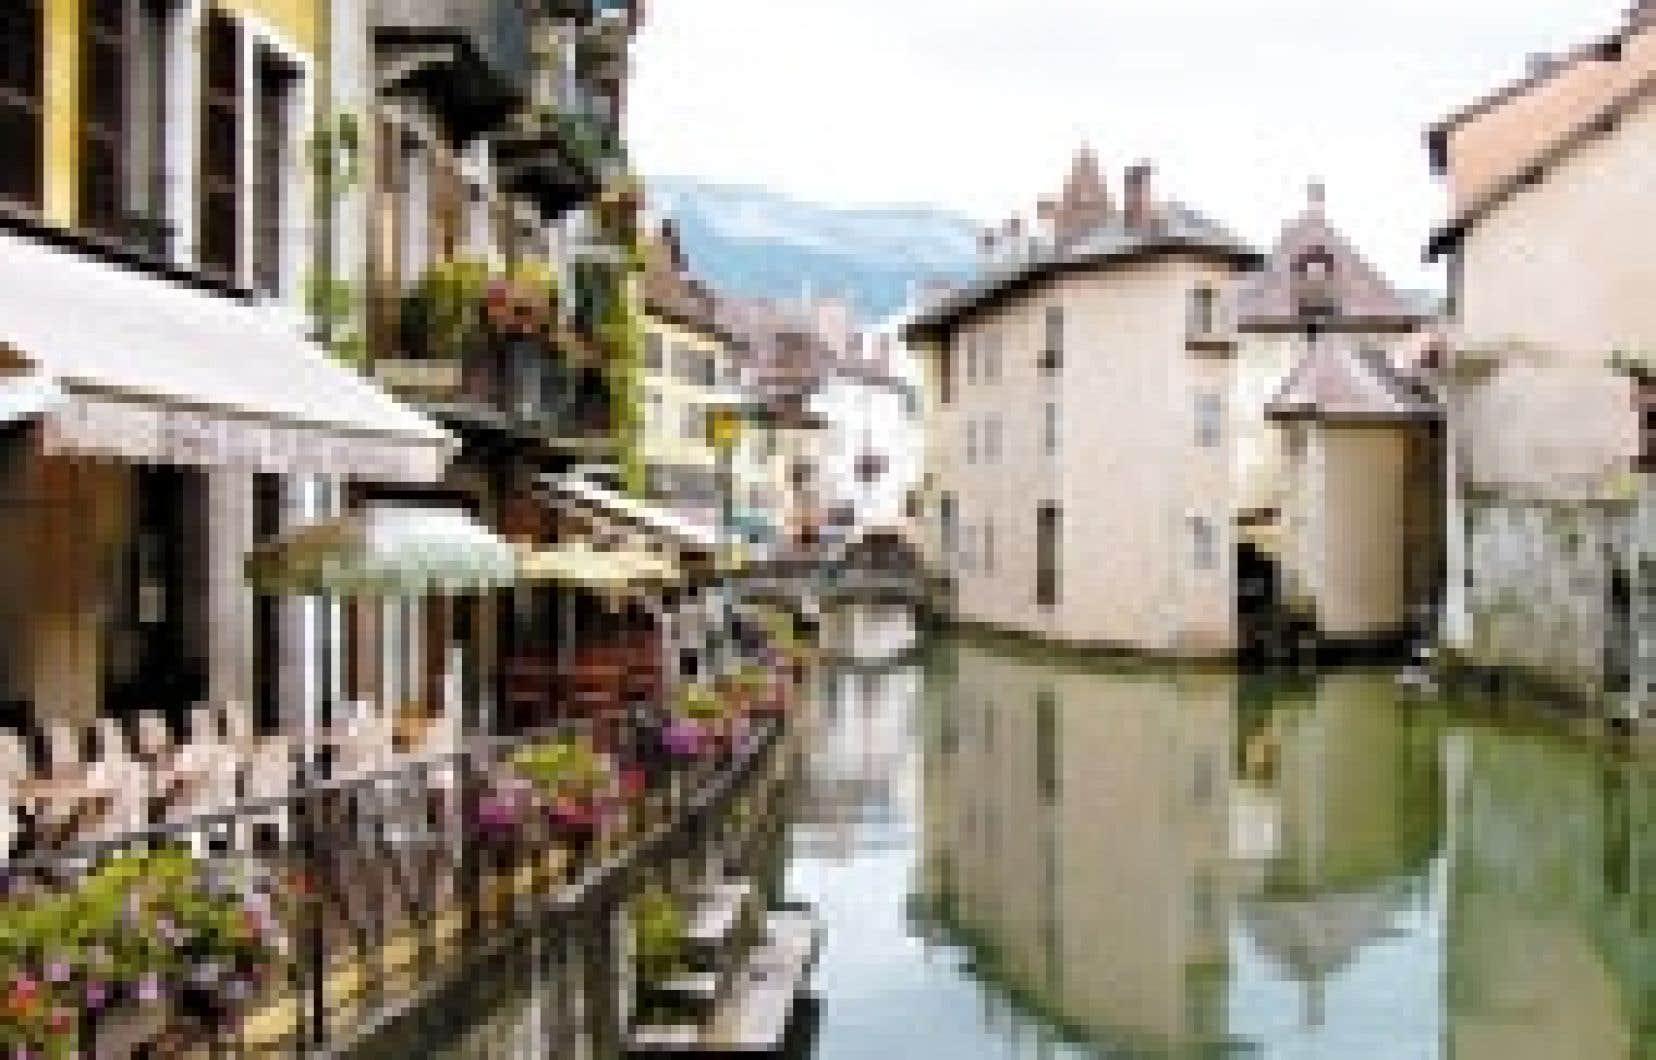 À un saut de puce de Saint-Gervais-les-Bains, Annecy déploie ses charmes par petites touches de couleurs avec une grâce qui lui vaut le titre de « petite Venise savoyarde ».